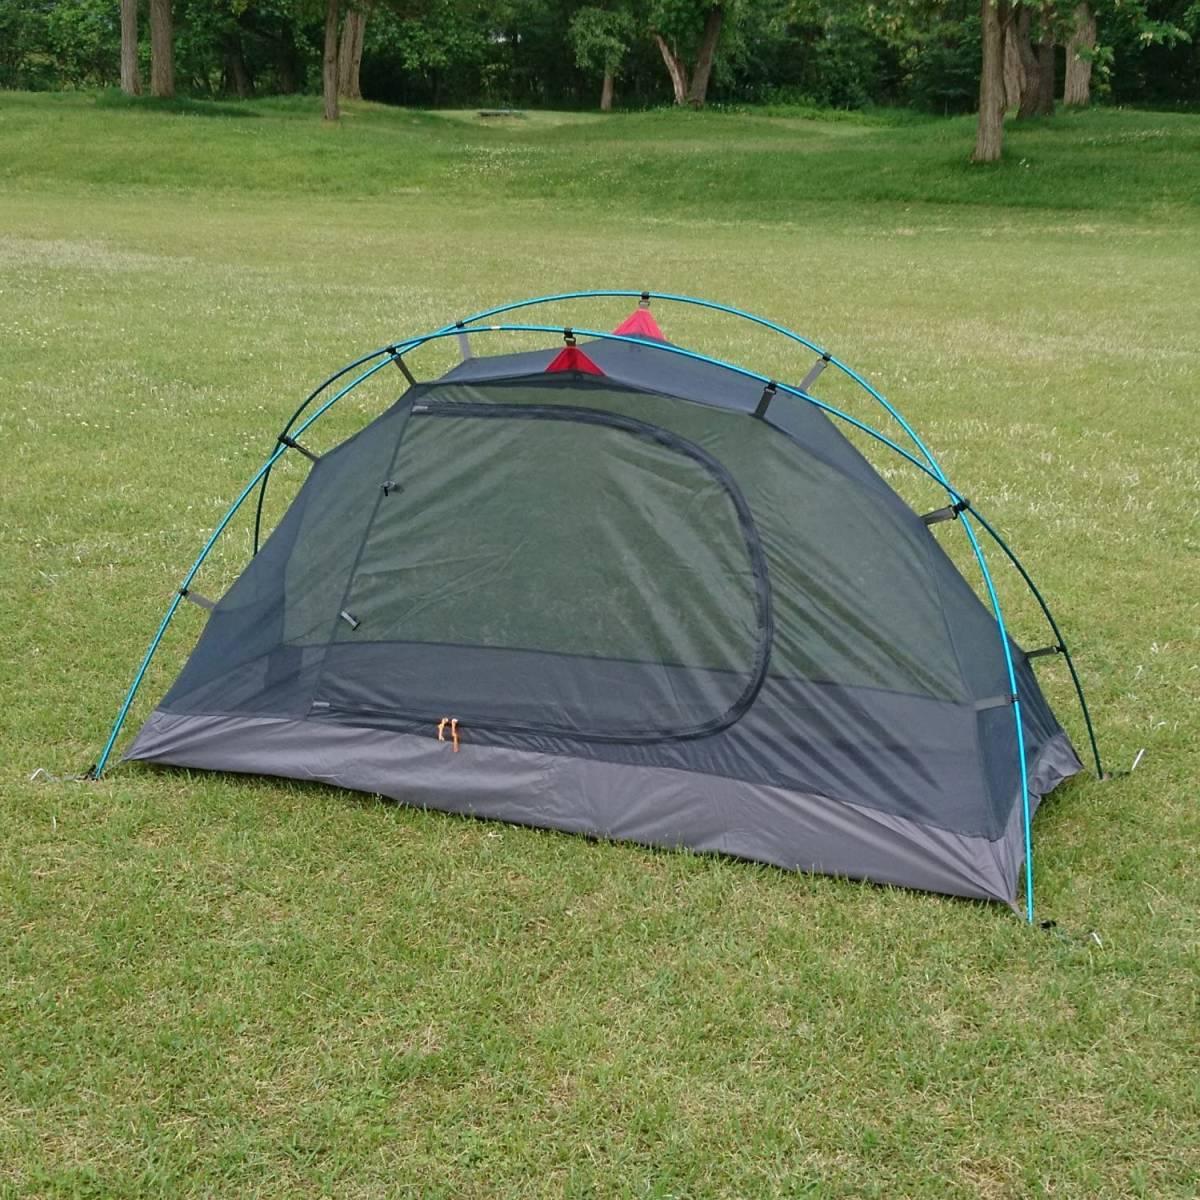 新品未開封 送料無料 アウトドア キャンプ テント BUNDOK バンドック ソロドーム 1 SOLODOME1 ツーリングテント ソロキャンプ